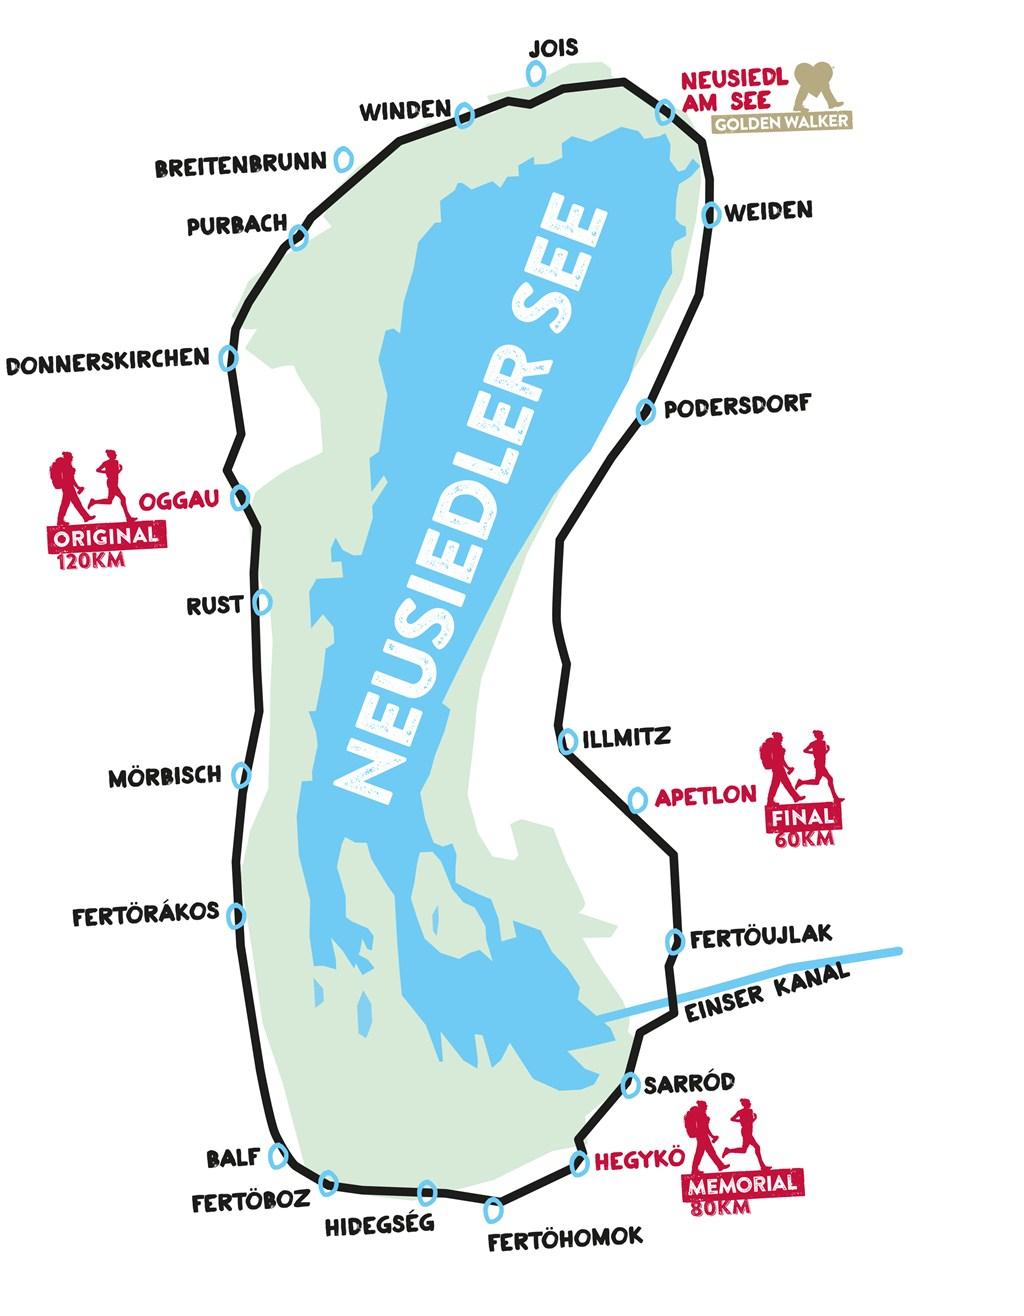 Rajt térkép Forrás: www.24stundenburgenland.com